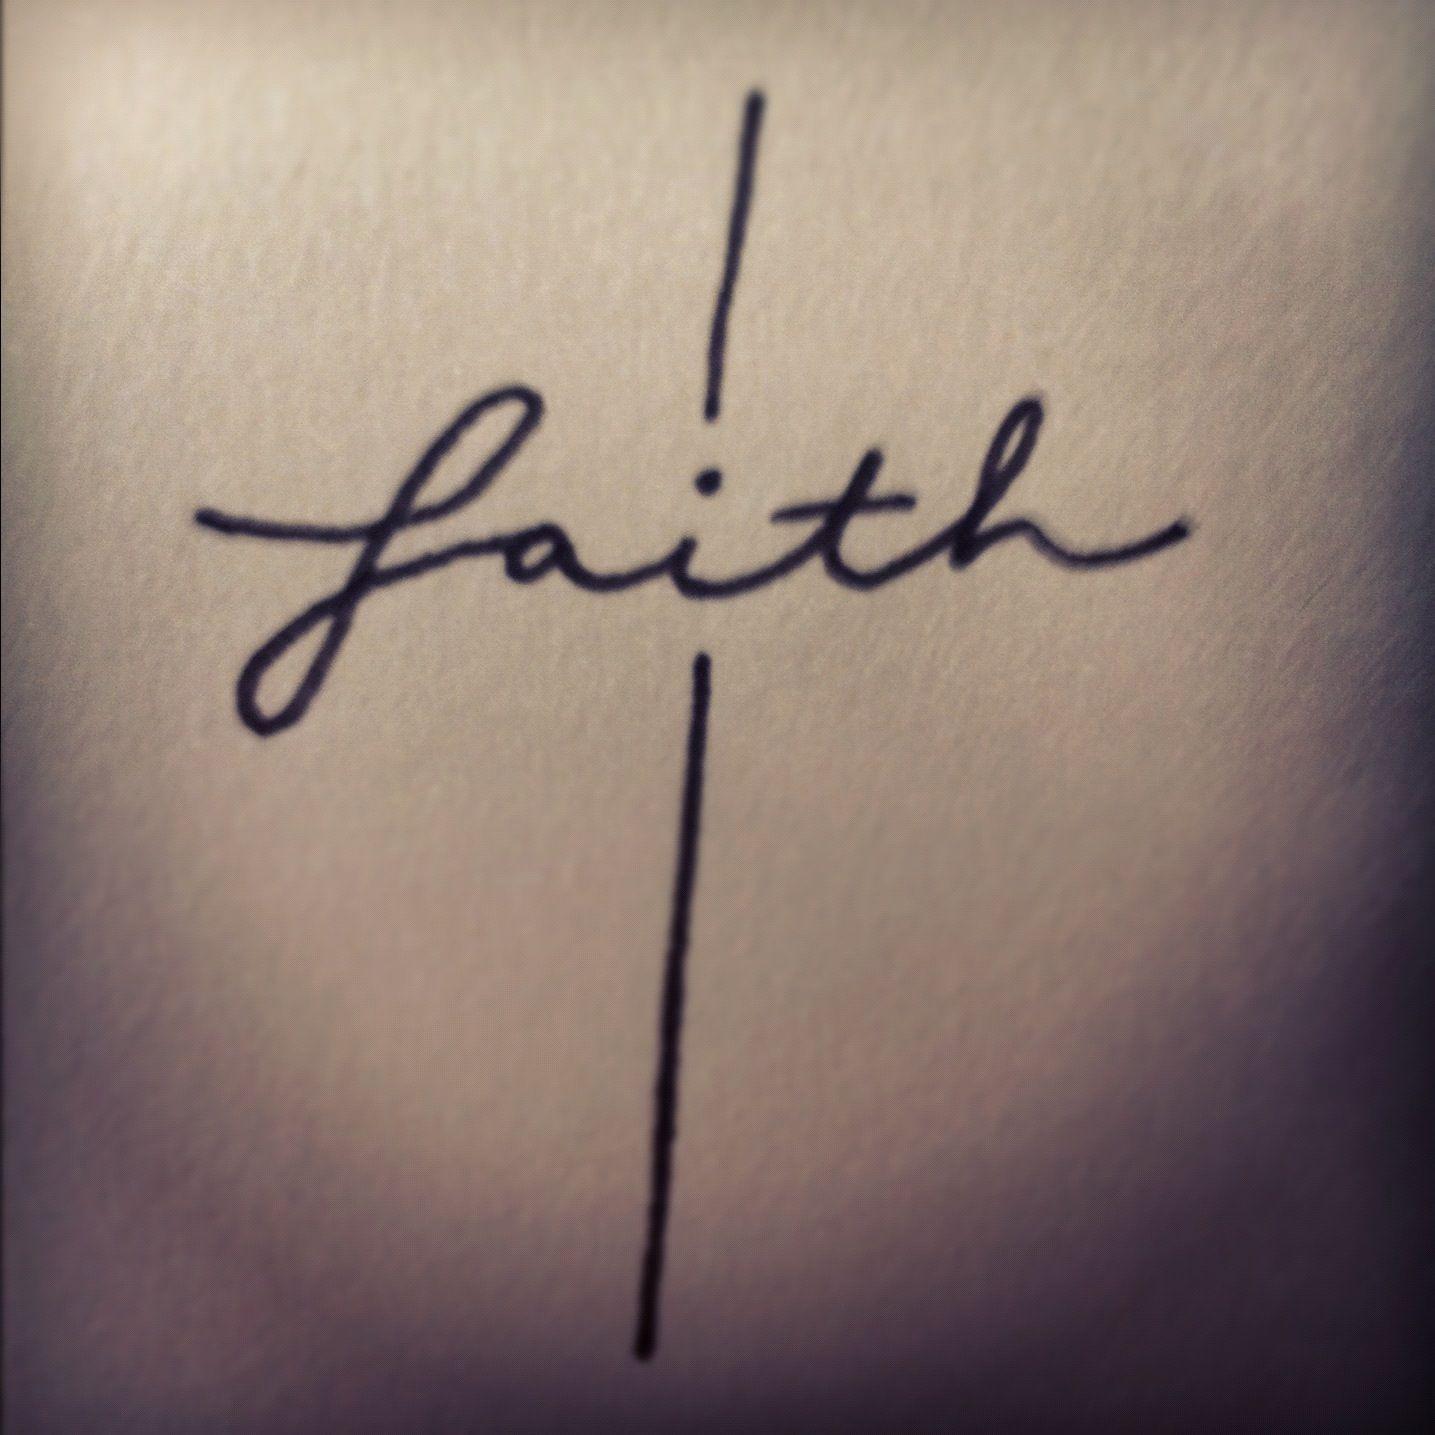 faith cross design by erica castilaw pen on paper